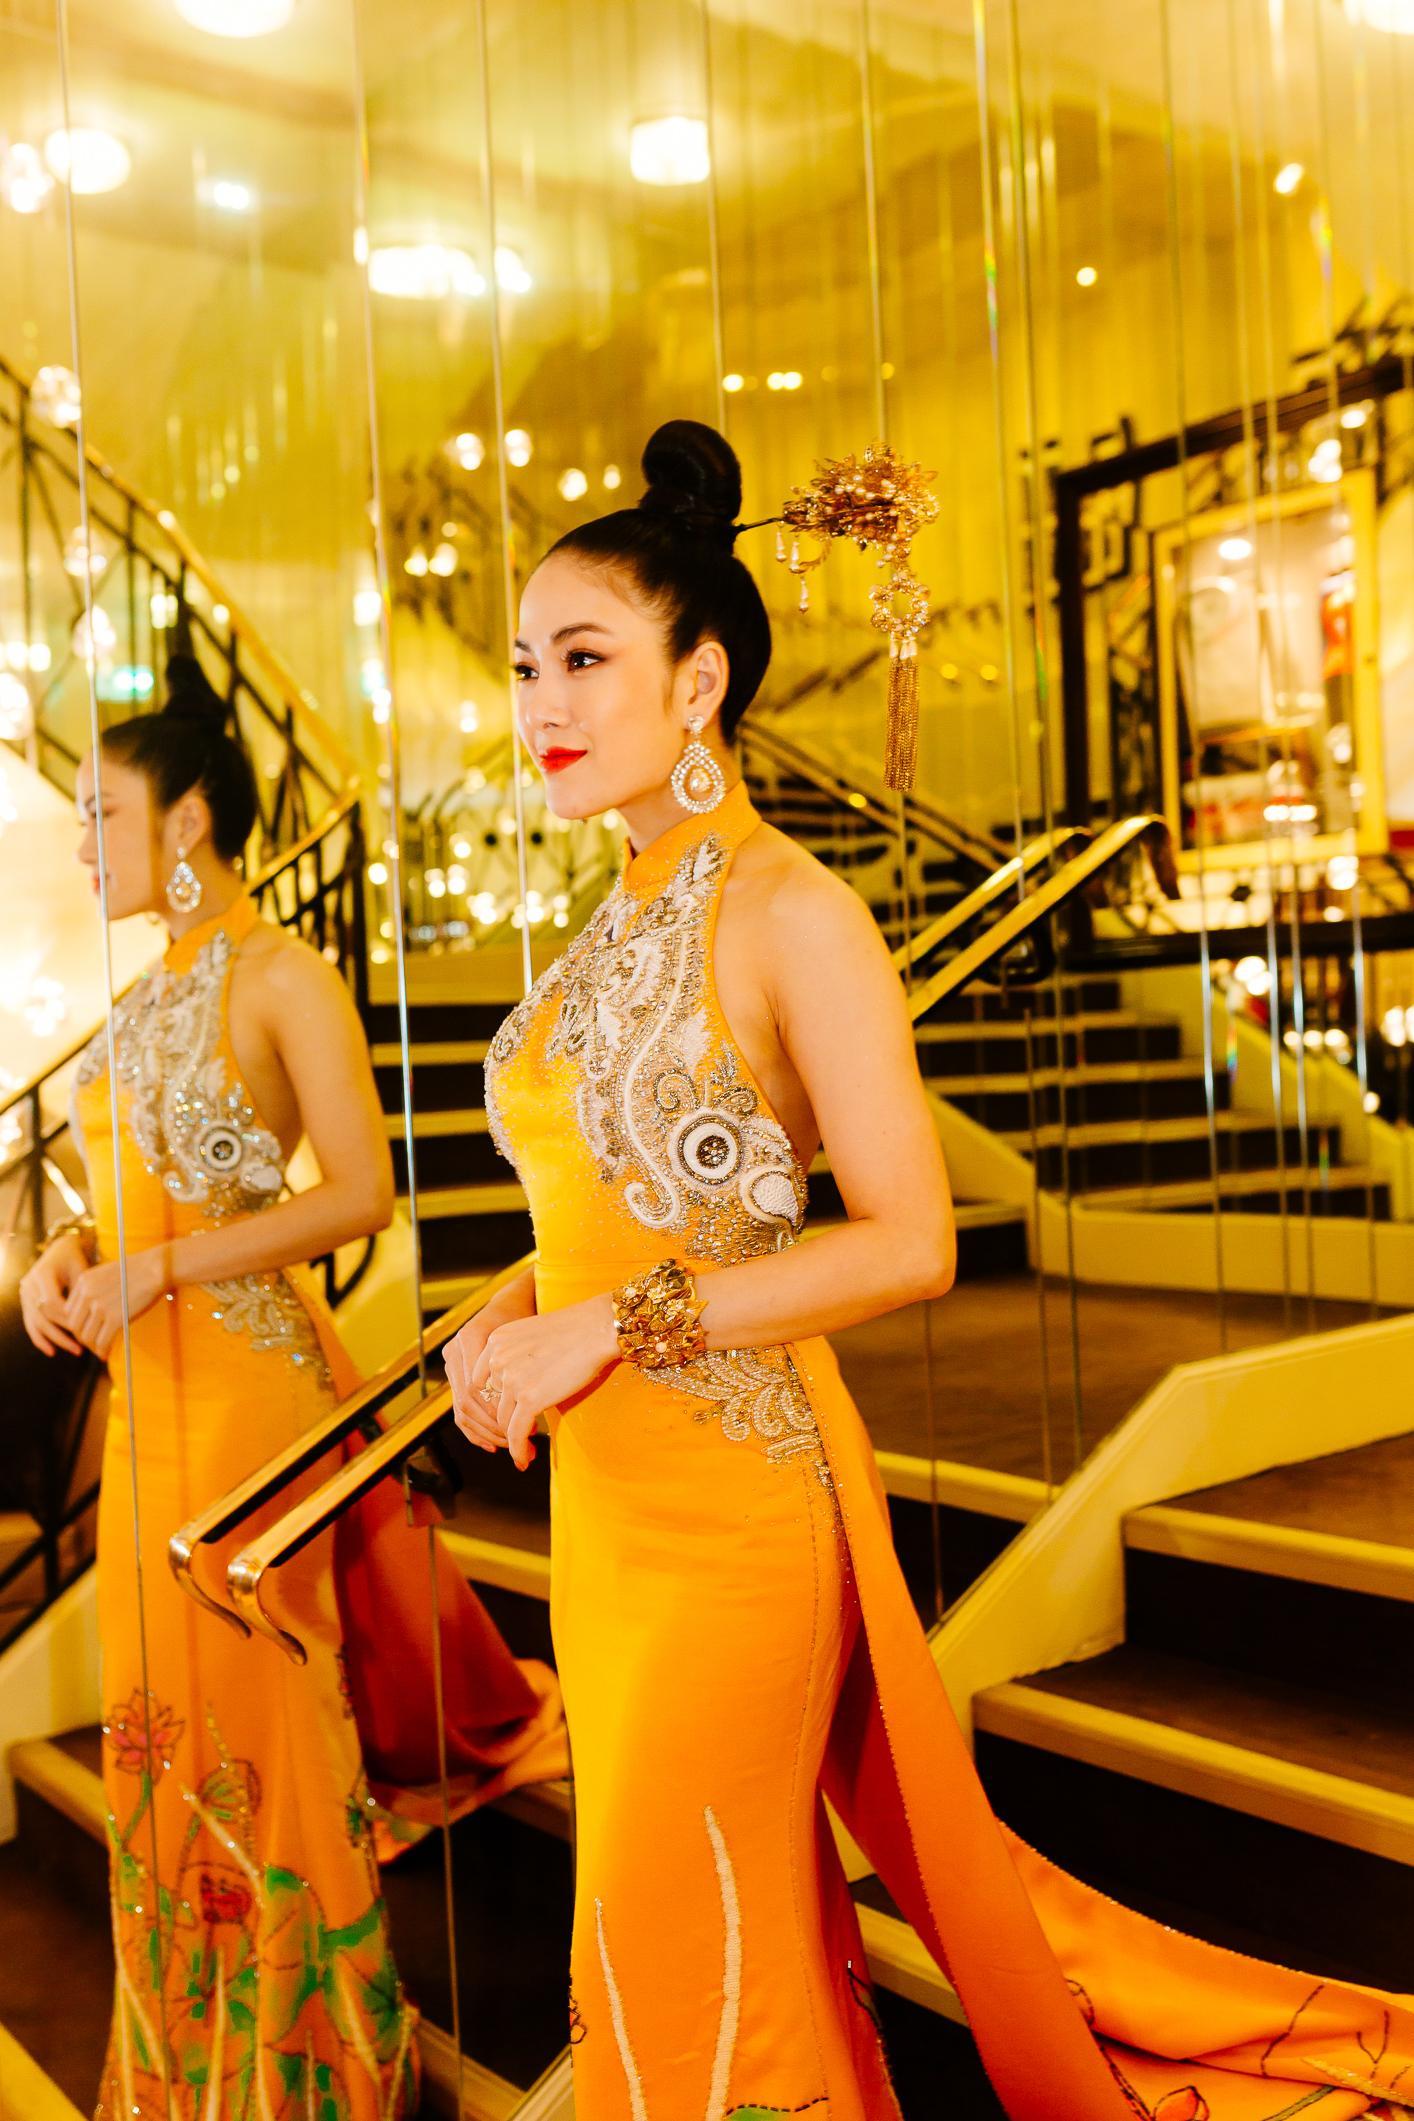 Sau Ngọc Trinh, thêm một người đẹp Việt 'náo loạn' thảm đỏ Cannes 2019 Ảnh 5